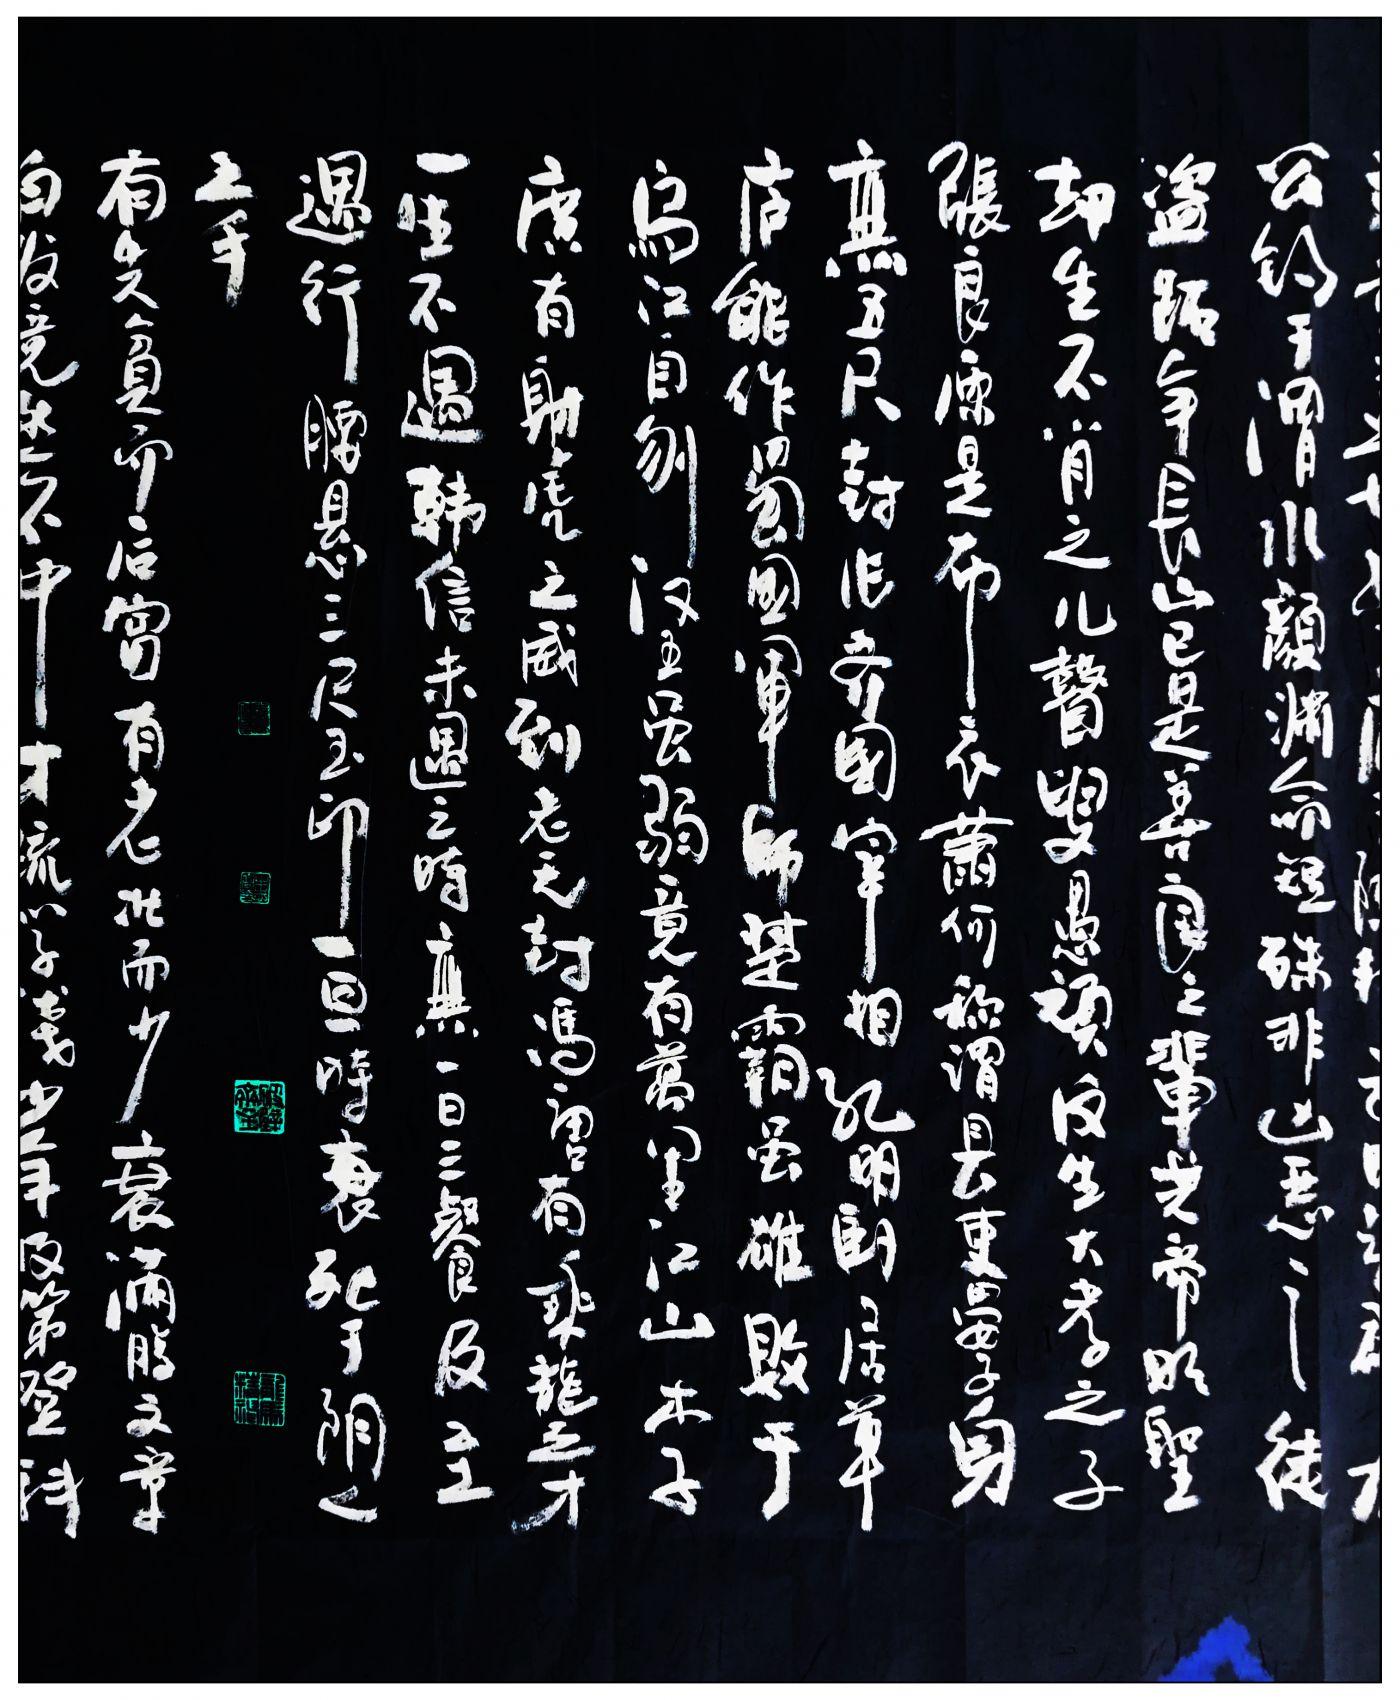 牛志高书法2021.04.16_图1-1